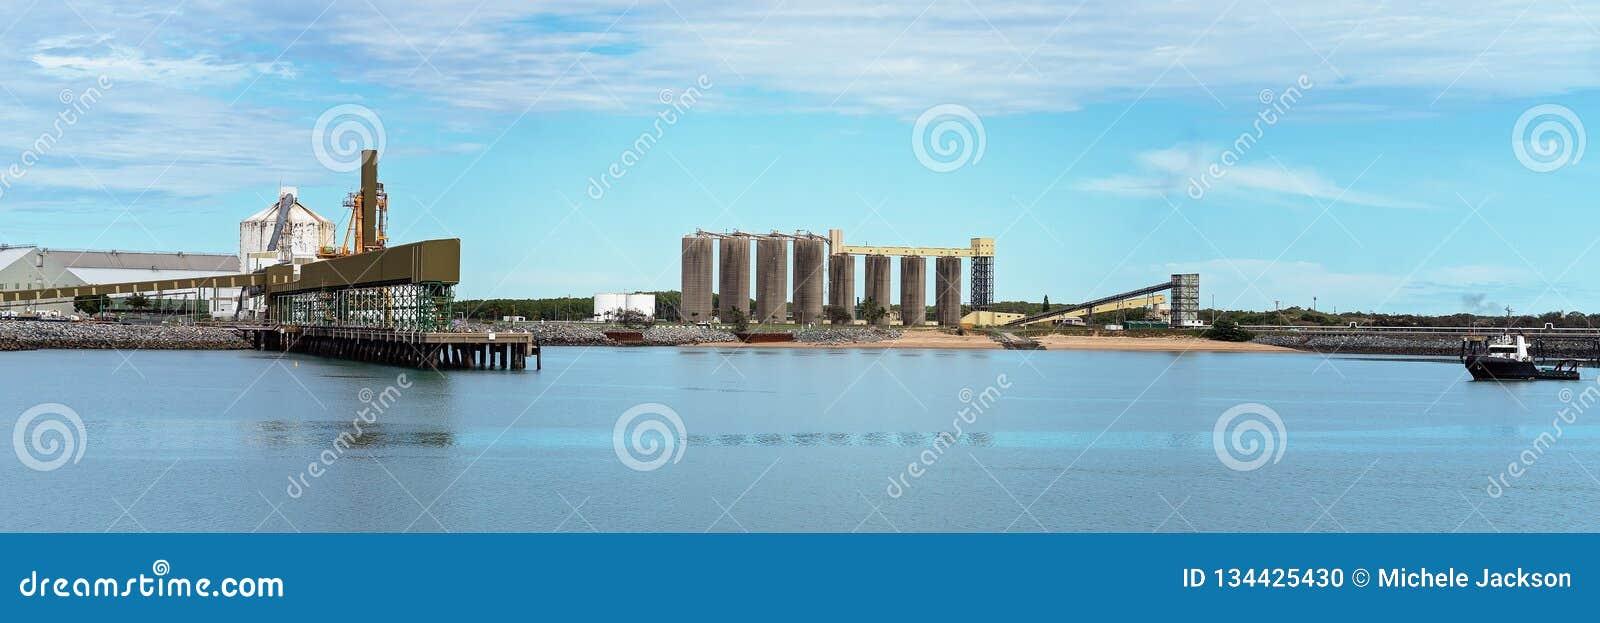 Infrastructuur van Mijnbouw en de Landbouwhaven van de Goederenuitvoer